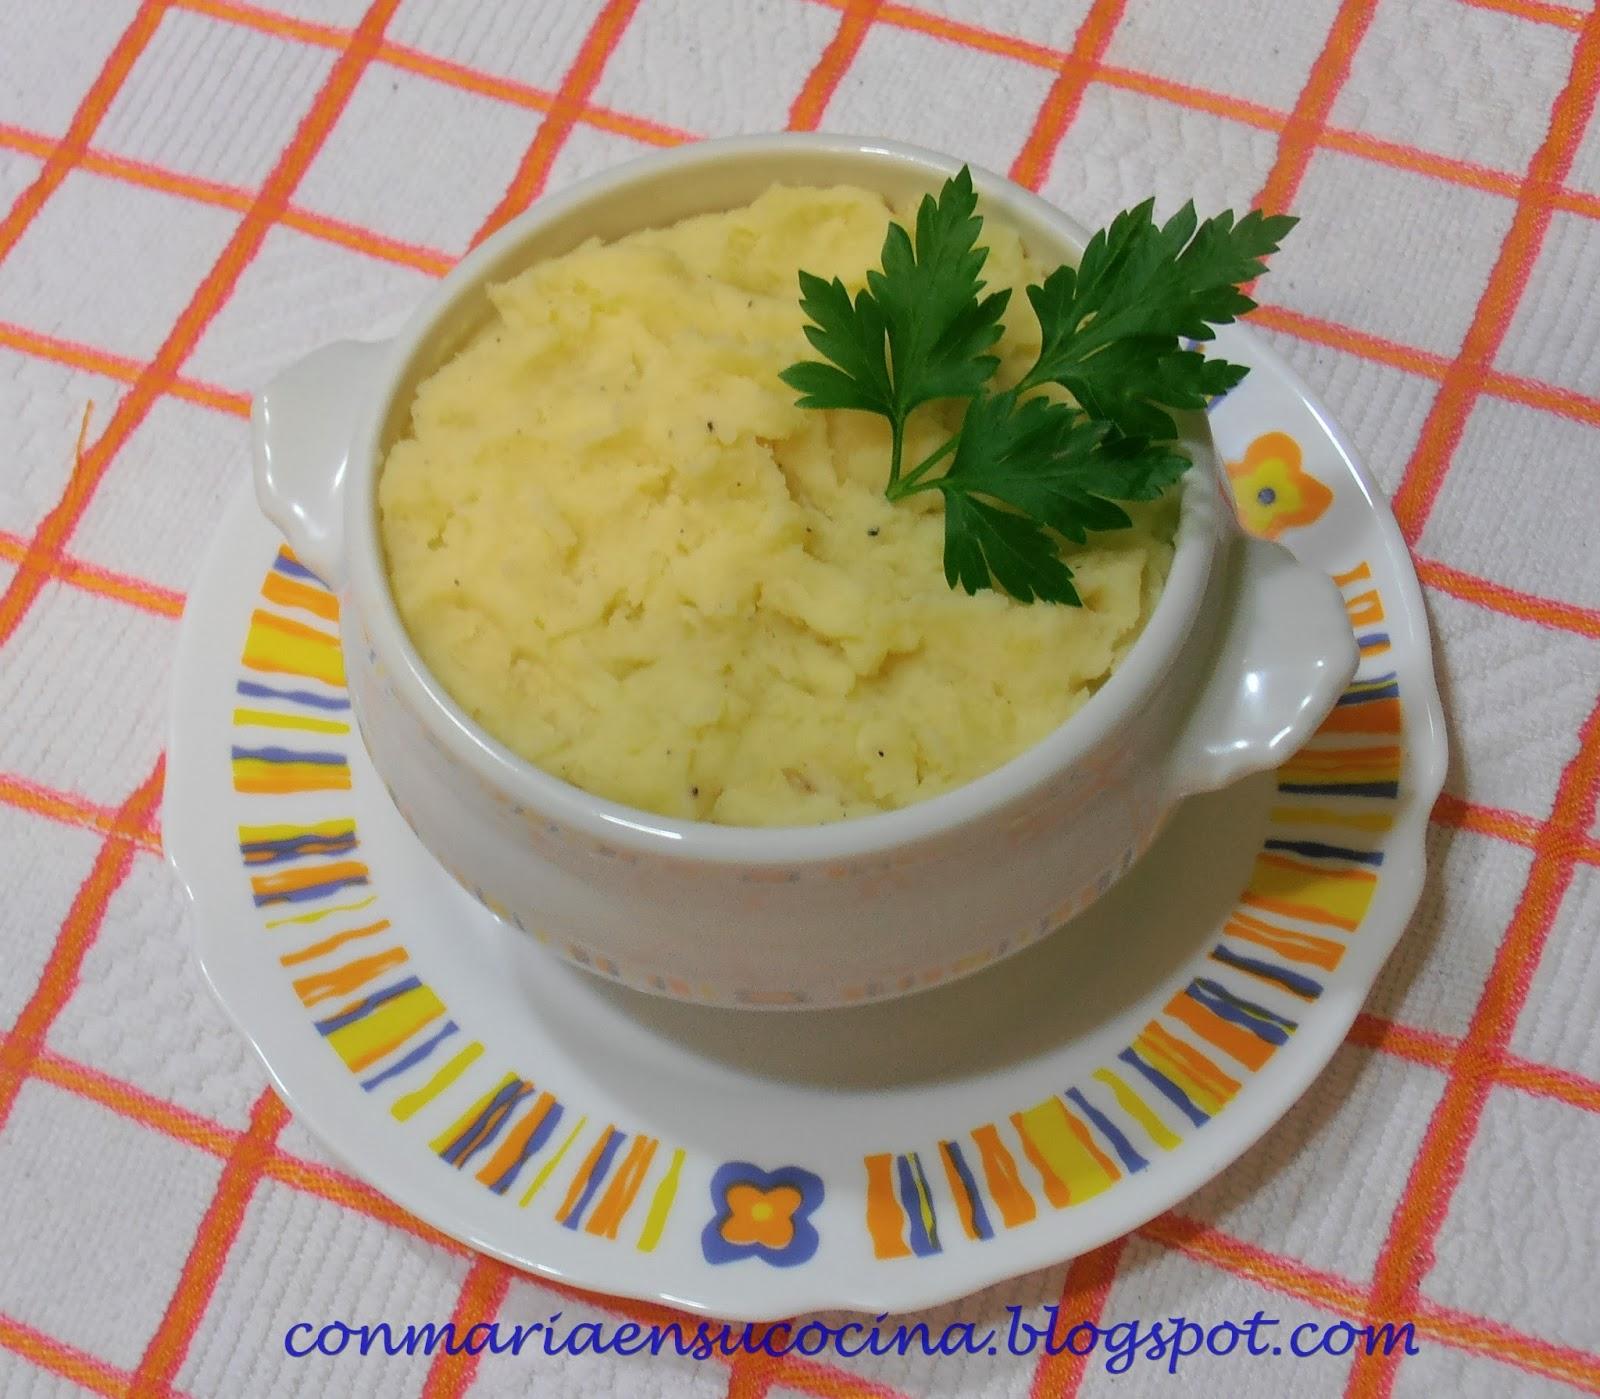 Con mar a en su cocina pur de patatas casero receta - Pure de patatas cremoso ...